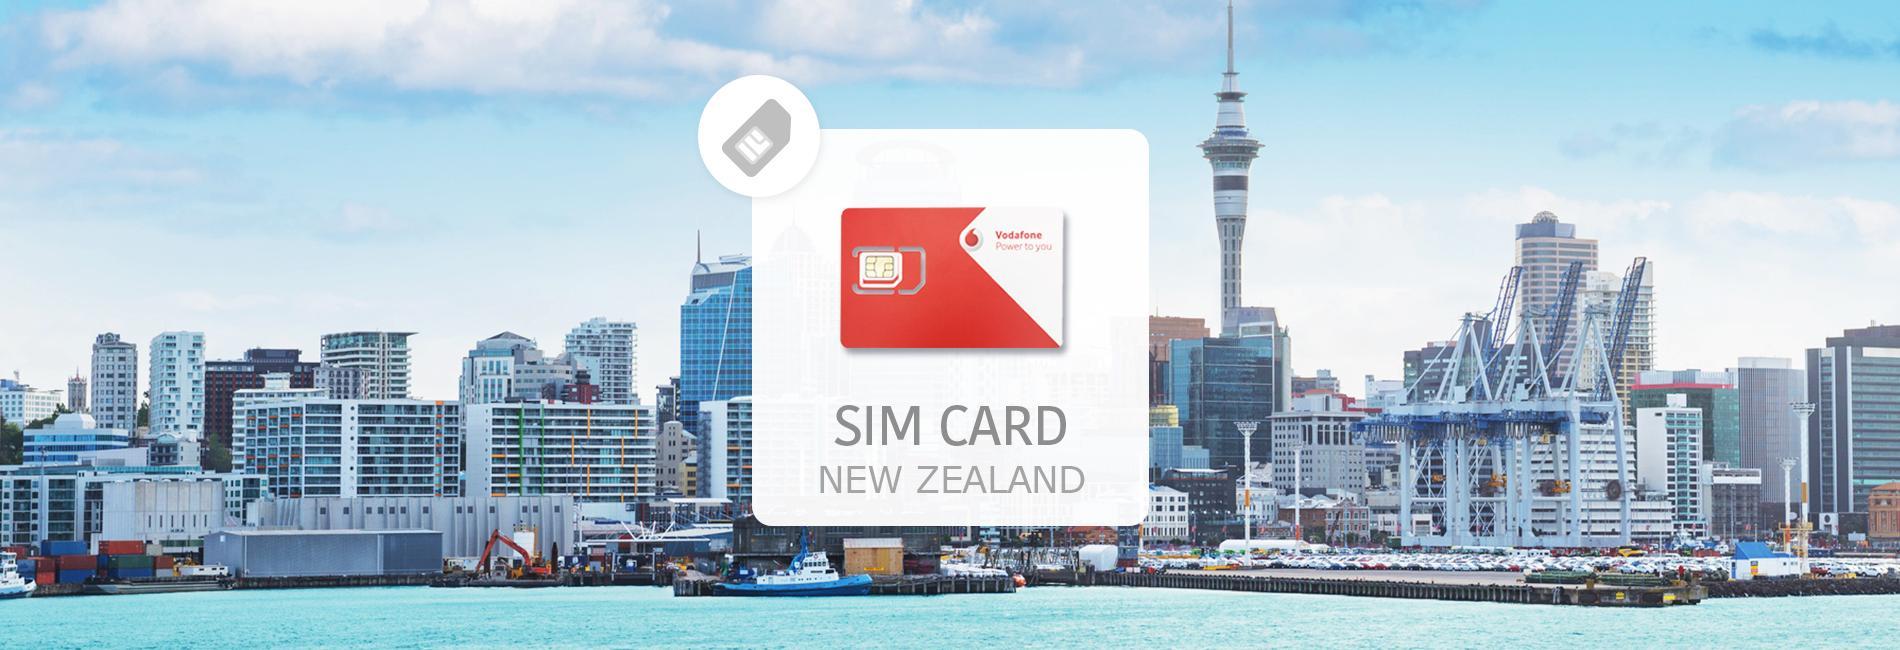 紐西蘭網卡 Vodafone 上網電話卡  馬來西亞寄送 - KKday